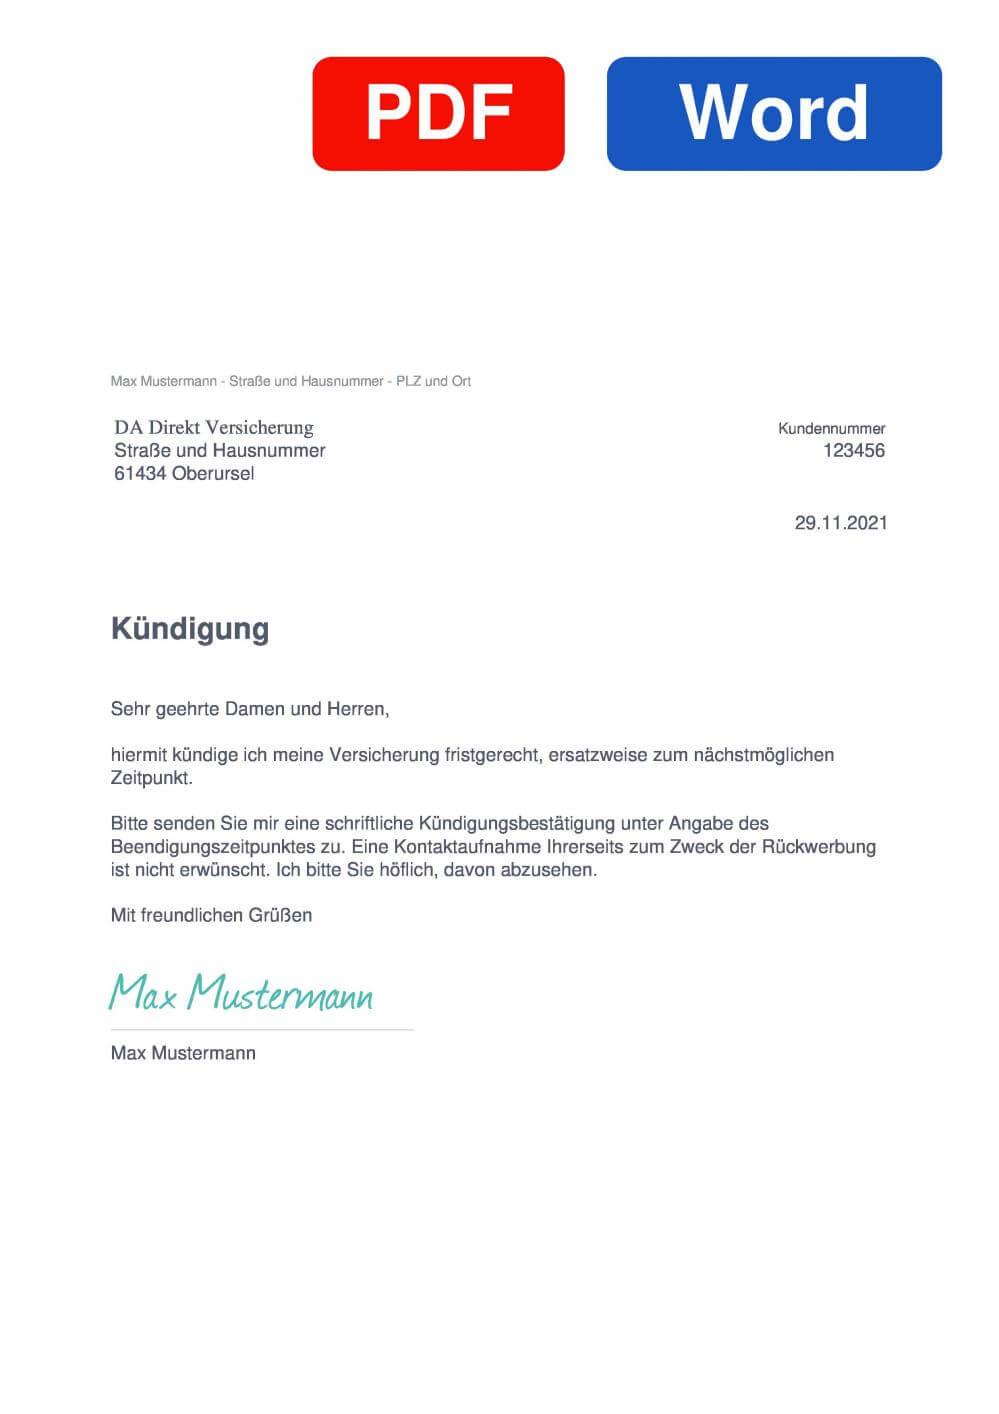 DA Direkt Muster Vorlage für Kündigungsschreiben